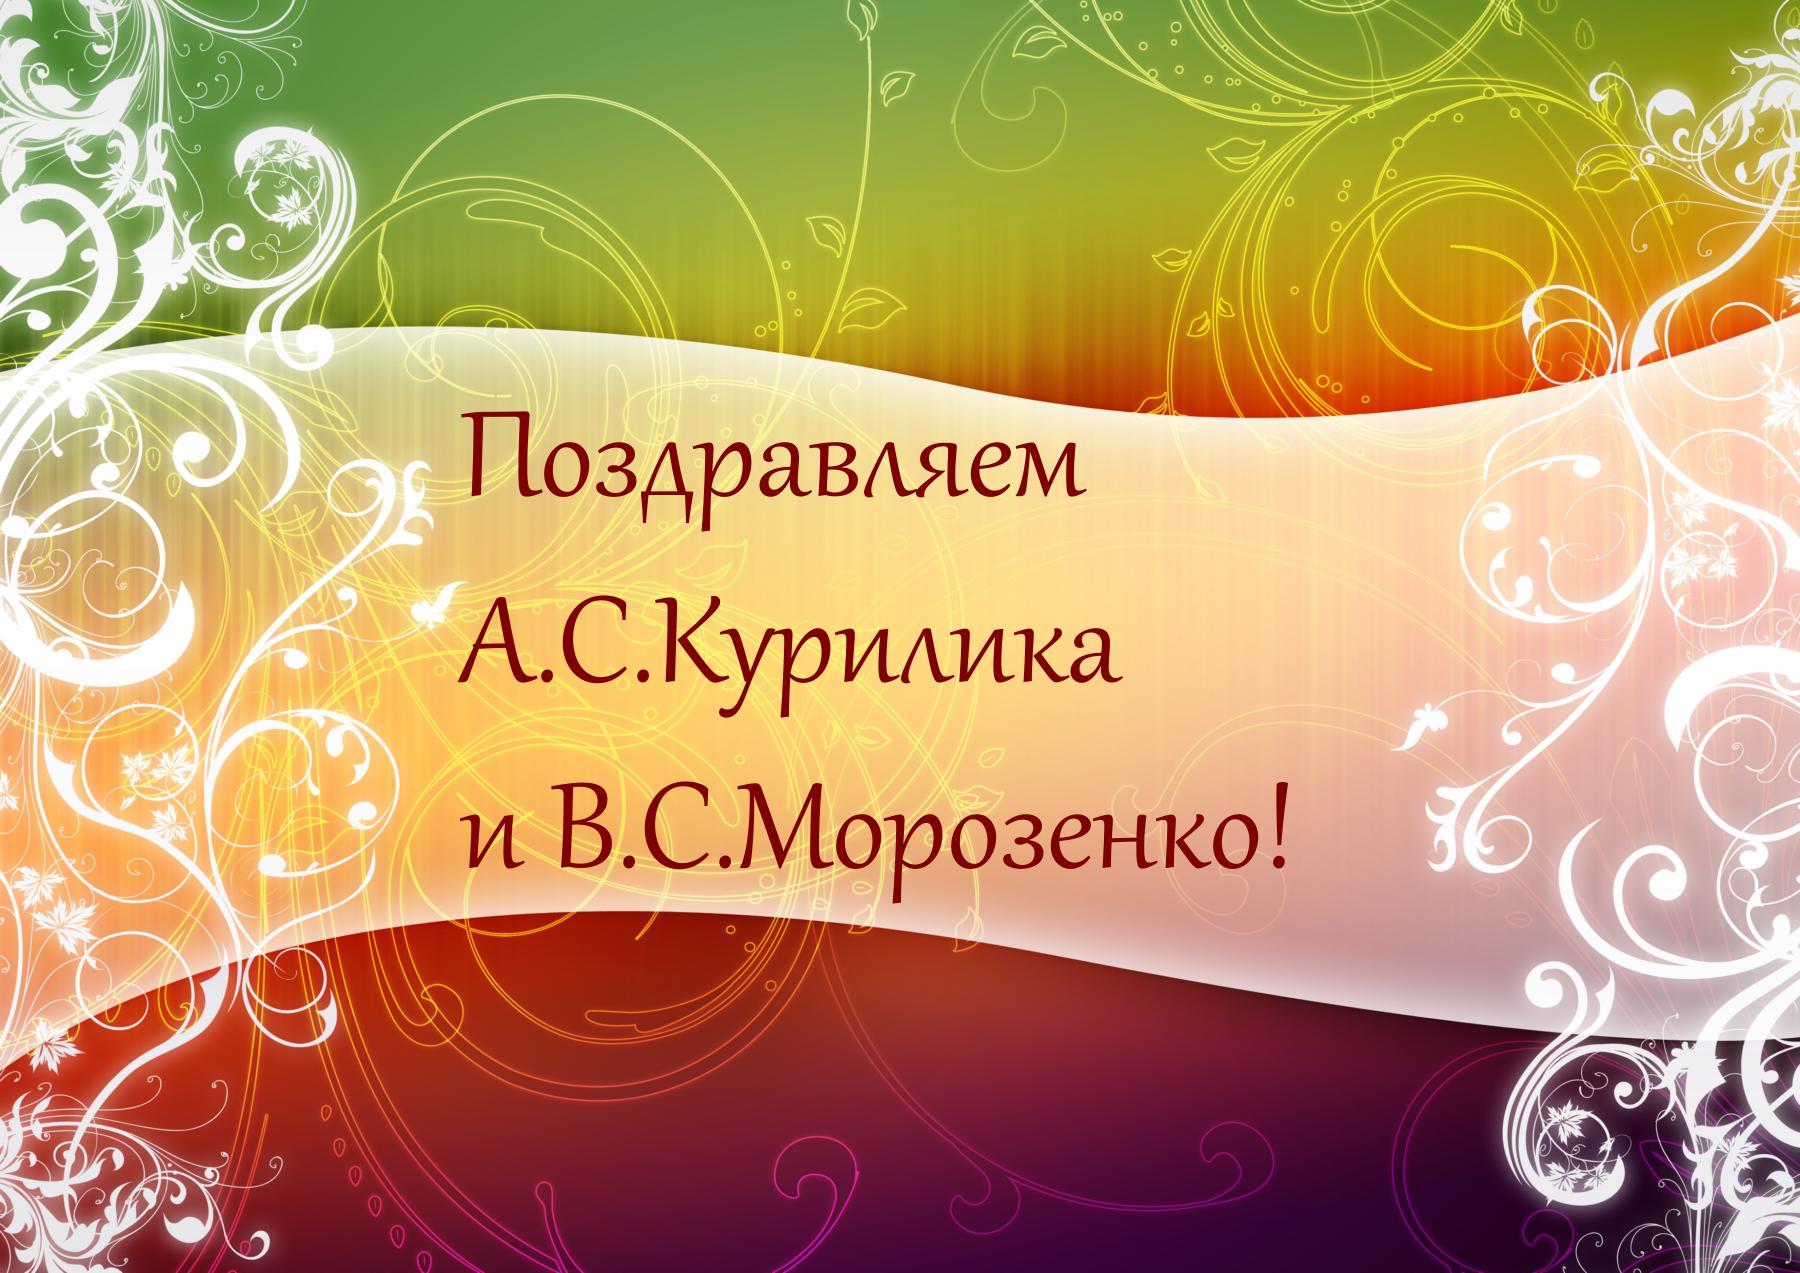 Поздравляем А.С. Курилика и В.С. Морозенко с защитой кандидатских дисс...